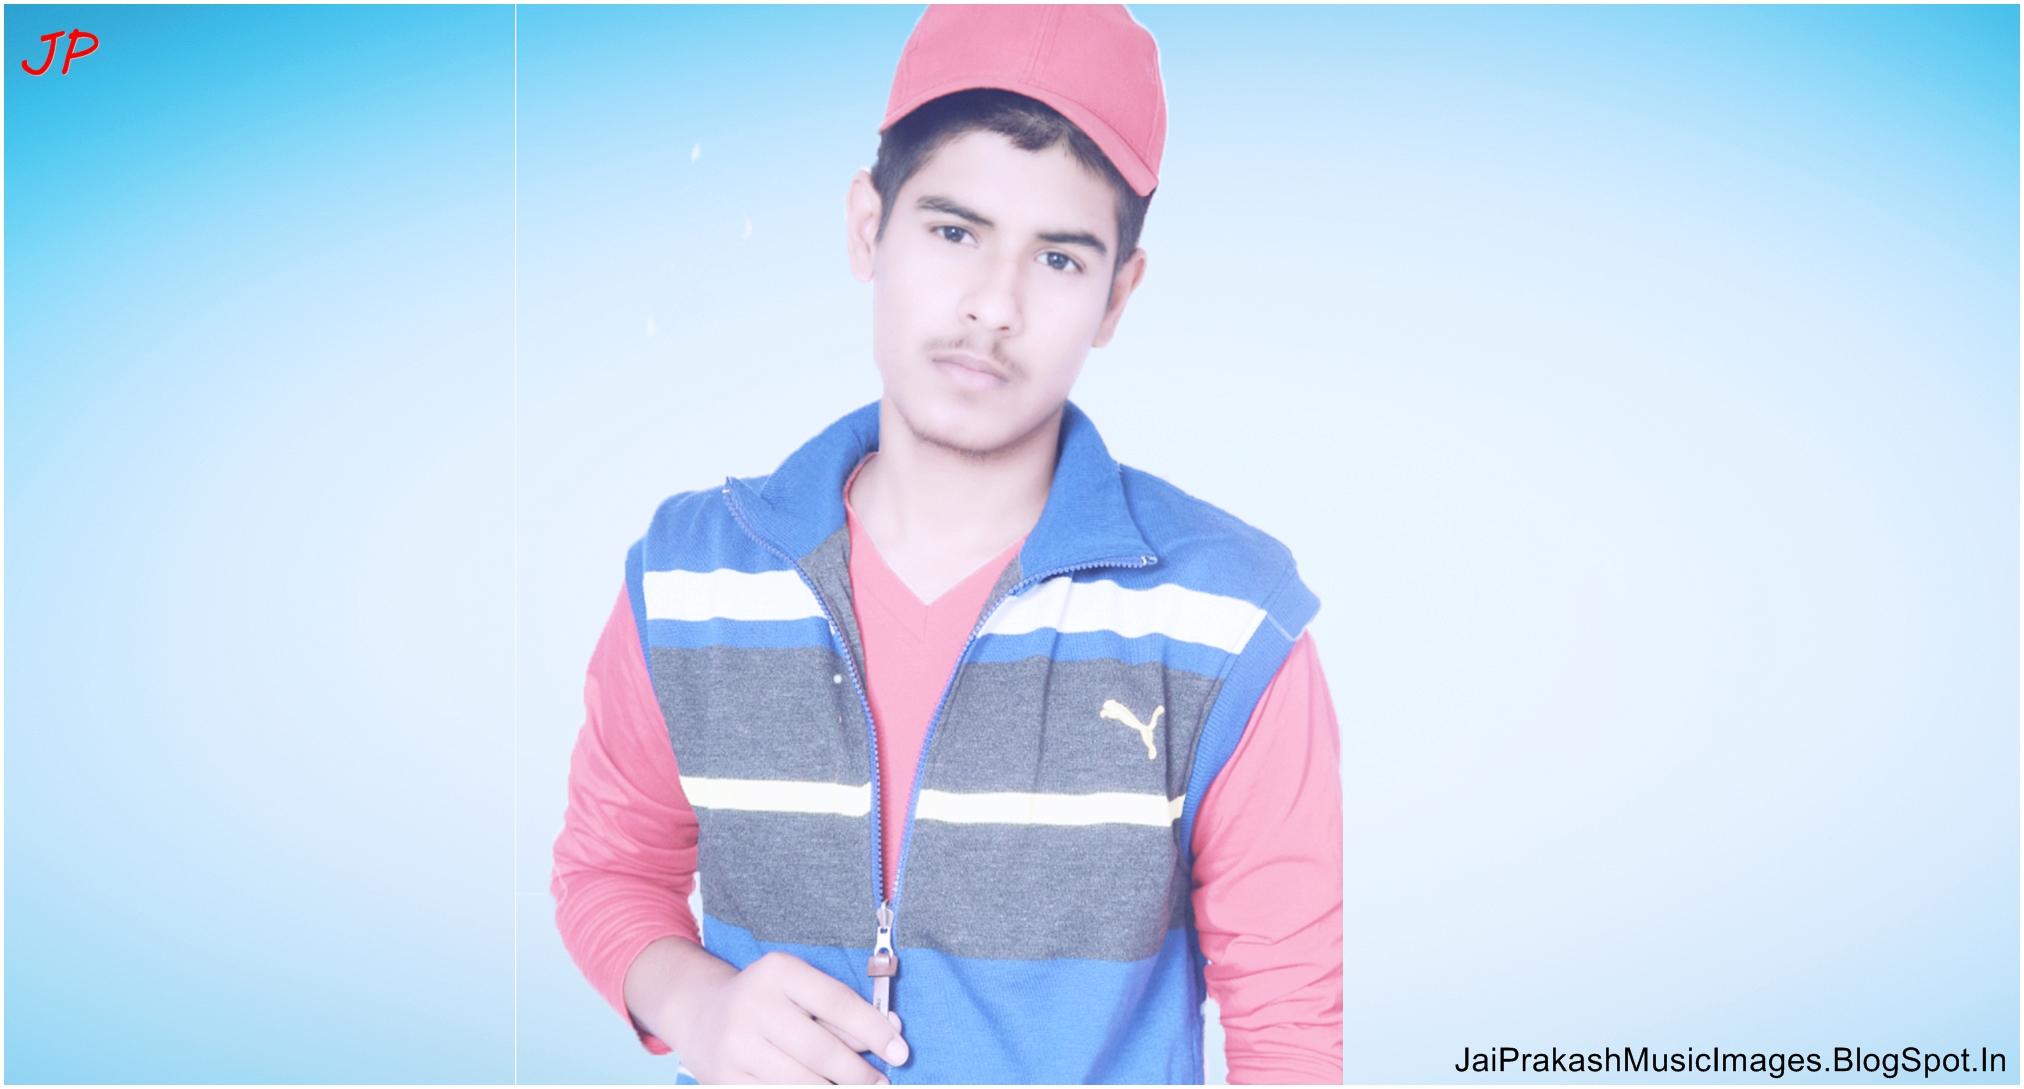 JaiPrakashMusic Afbeeldingen Achtergronden